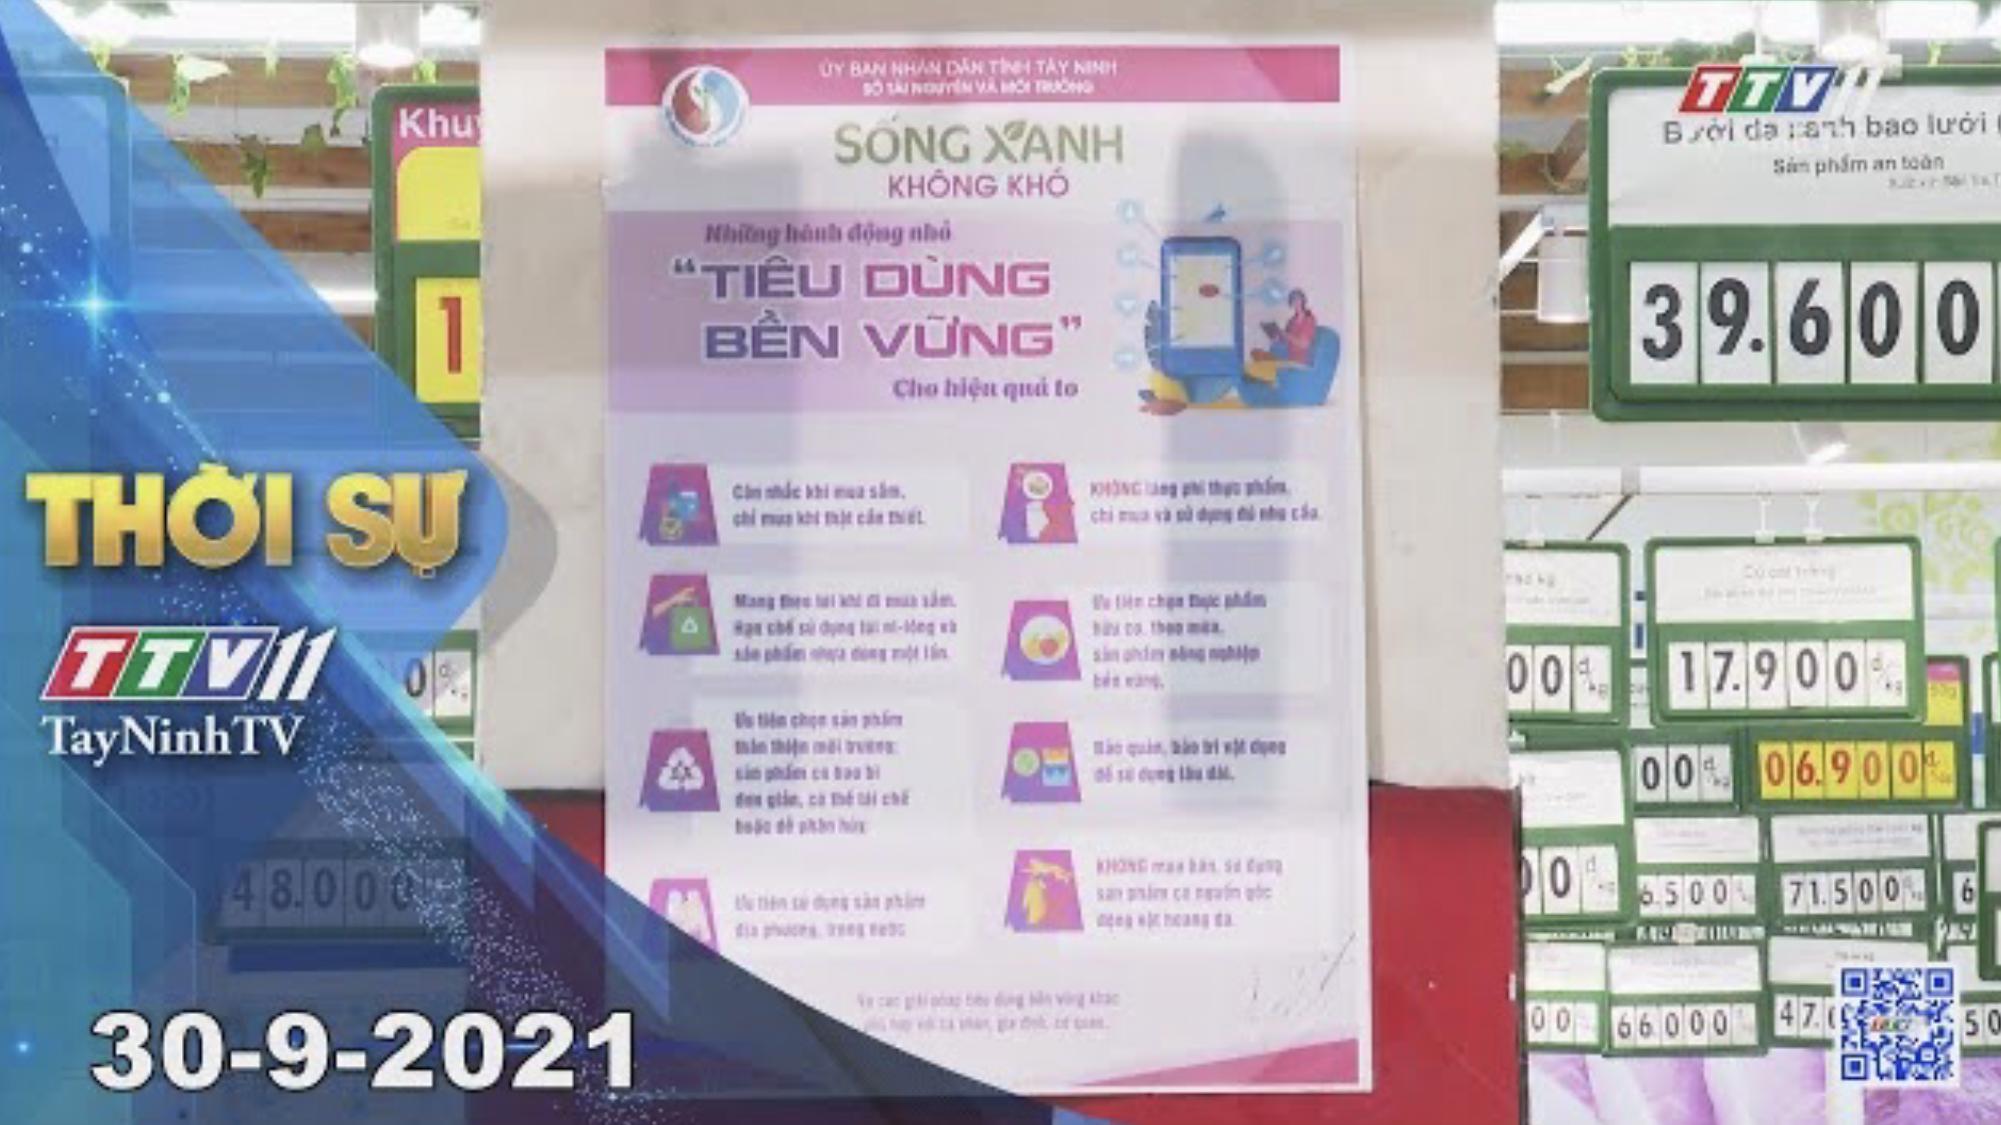 Thời sự Tây Ninh 30/9/2021 | Tin tức hôm nay | TayNinhTV